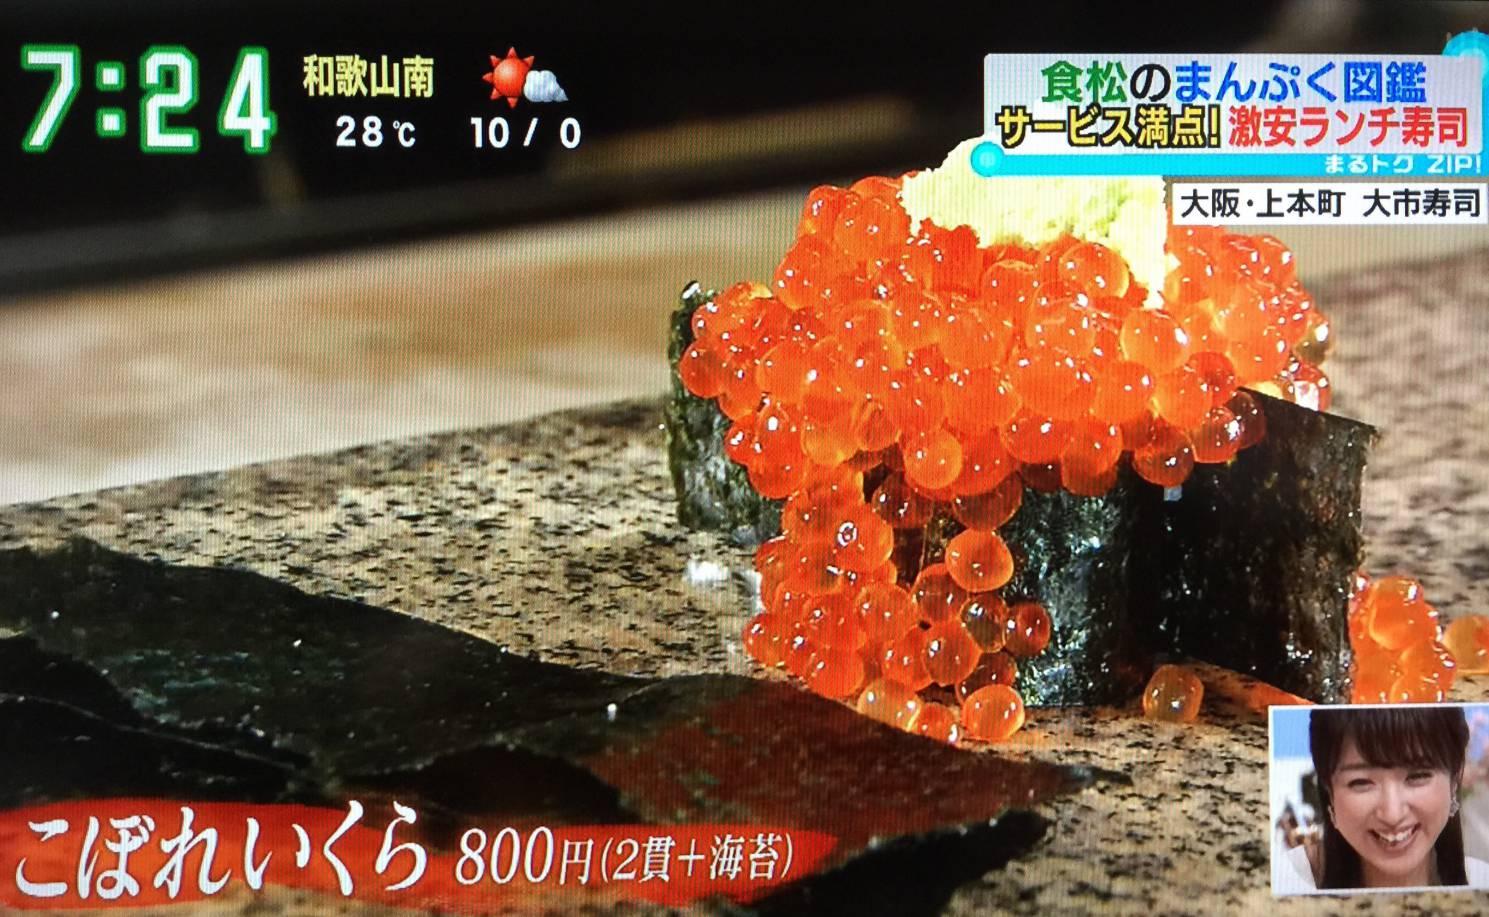 おそらく大阪で最安クラスのお寿司定食750円です オオサカ